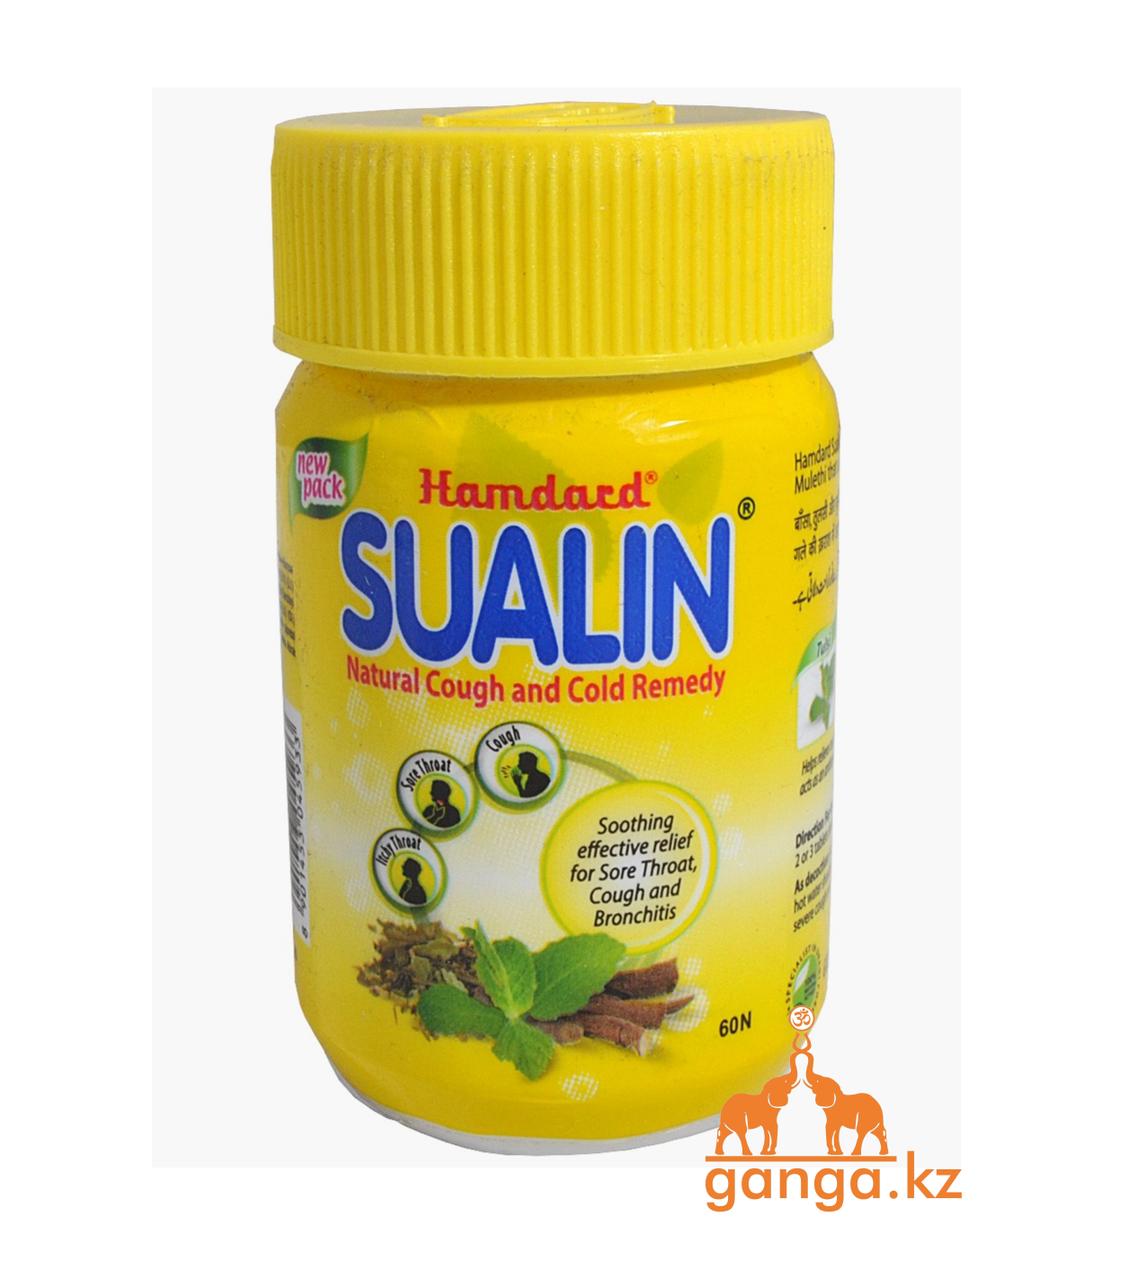 Суалин - помощь при простуде и кашле (Sualin HAMDARD), 60 таб.